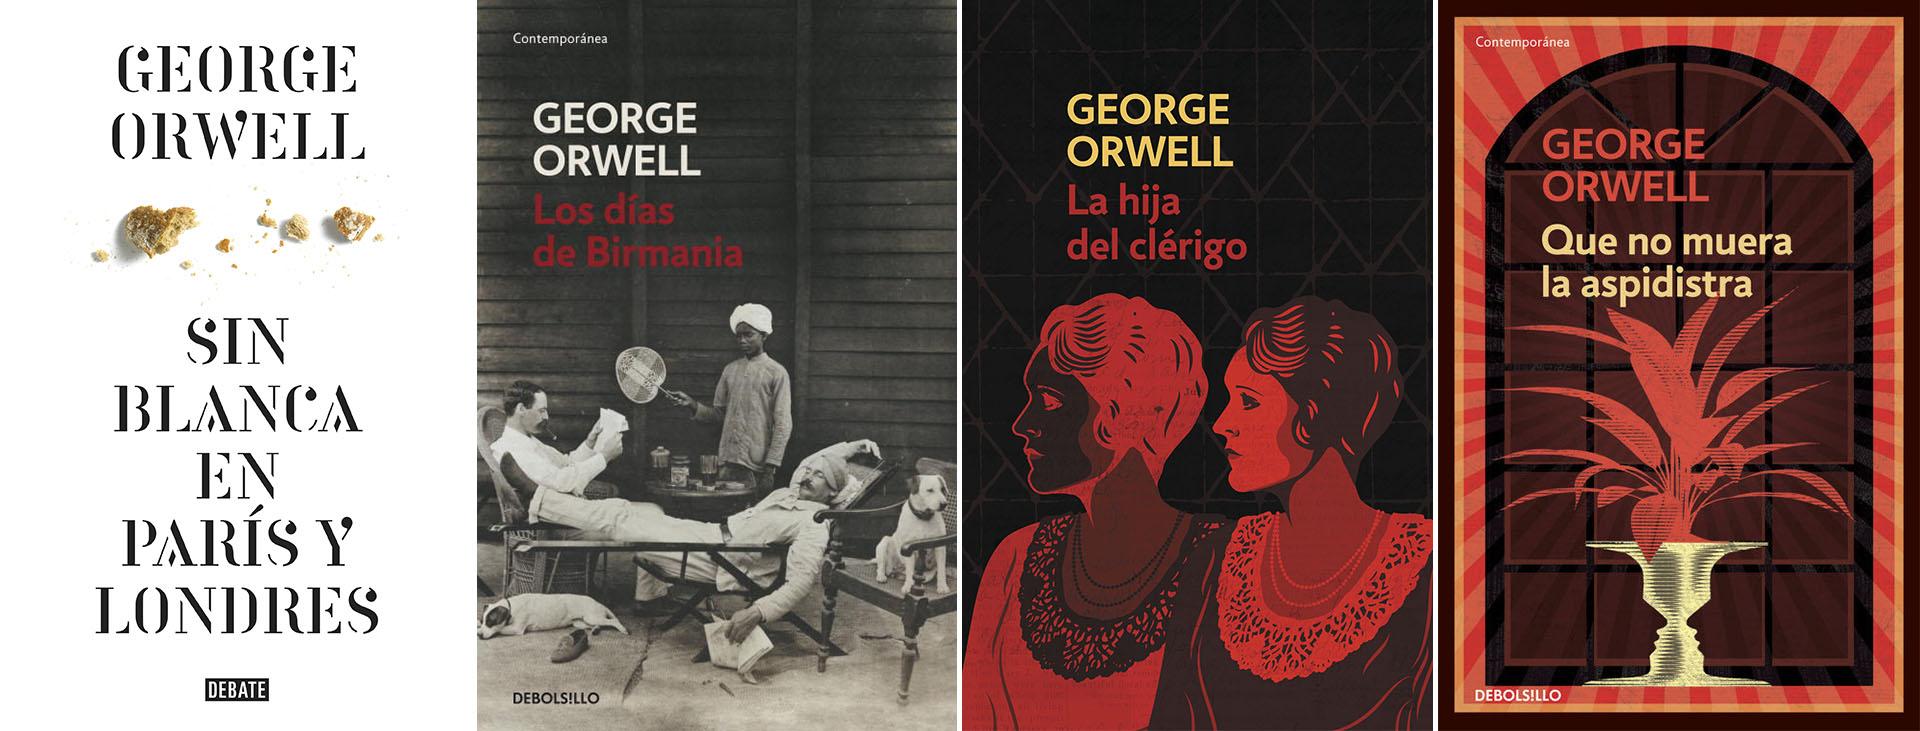 Los 4 libros que Orwell ya había publicado antes de partir hacia la guerra